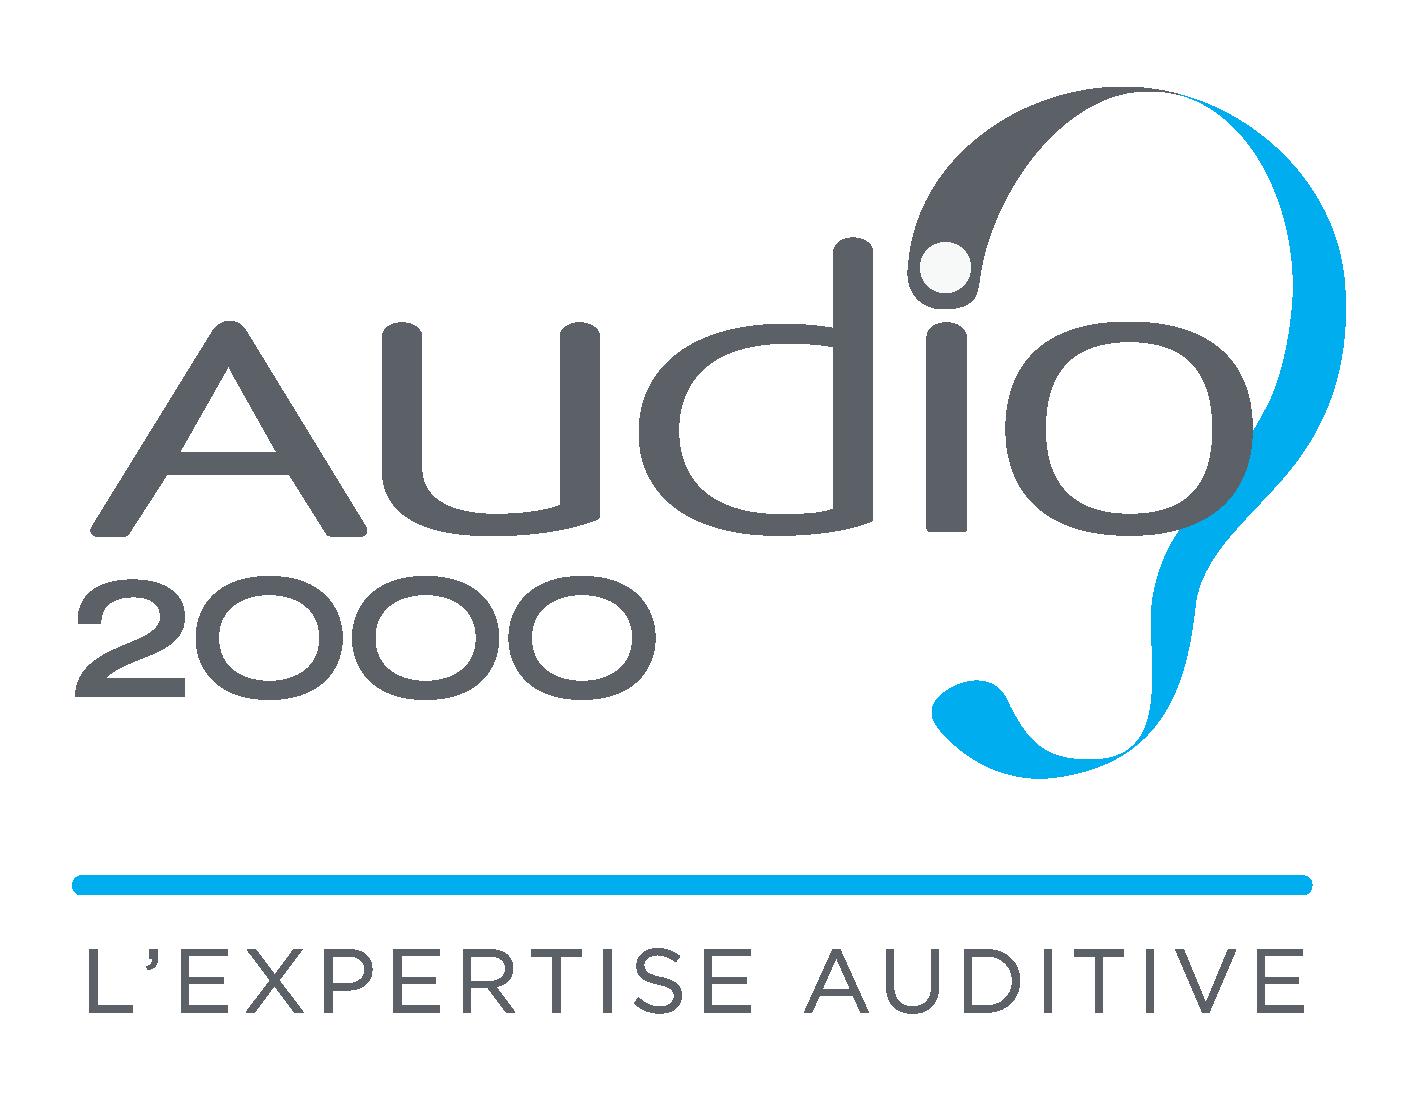 Audio Carcassonne - www.audiocarcassonne.fr - Maître Audio audioprothésiste indépendant, appareils auditifs, aides auditives rechargeables, masqueur d'acouphènes, prothèses auditives à Carcassonne 11000 Optique et Audition